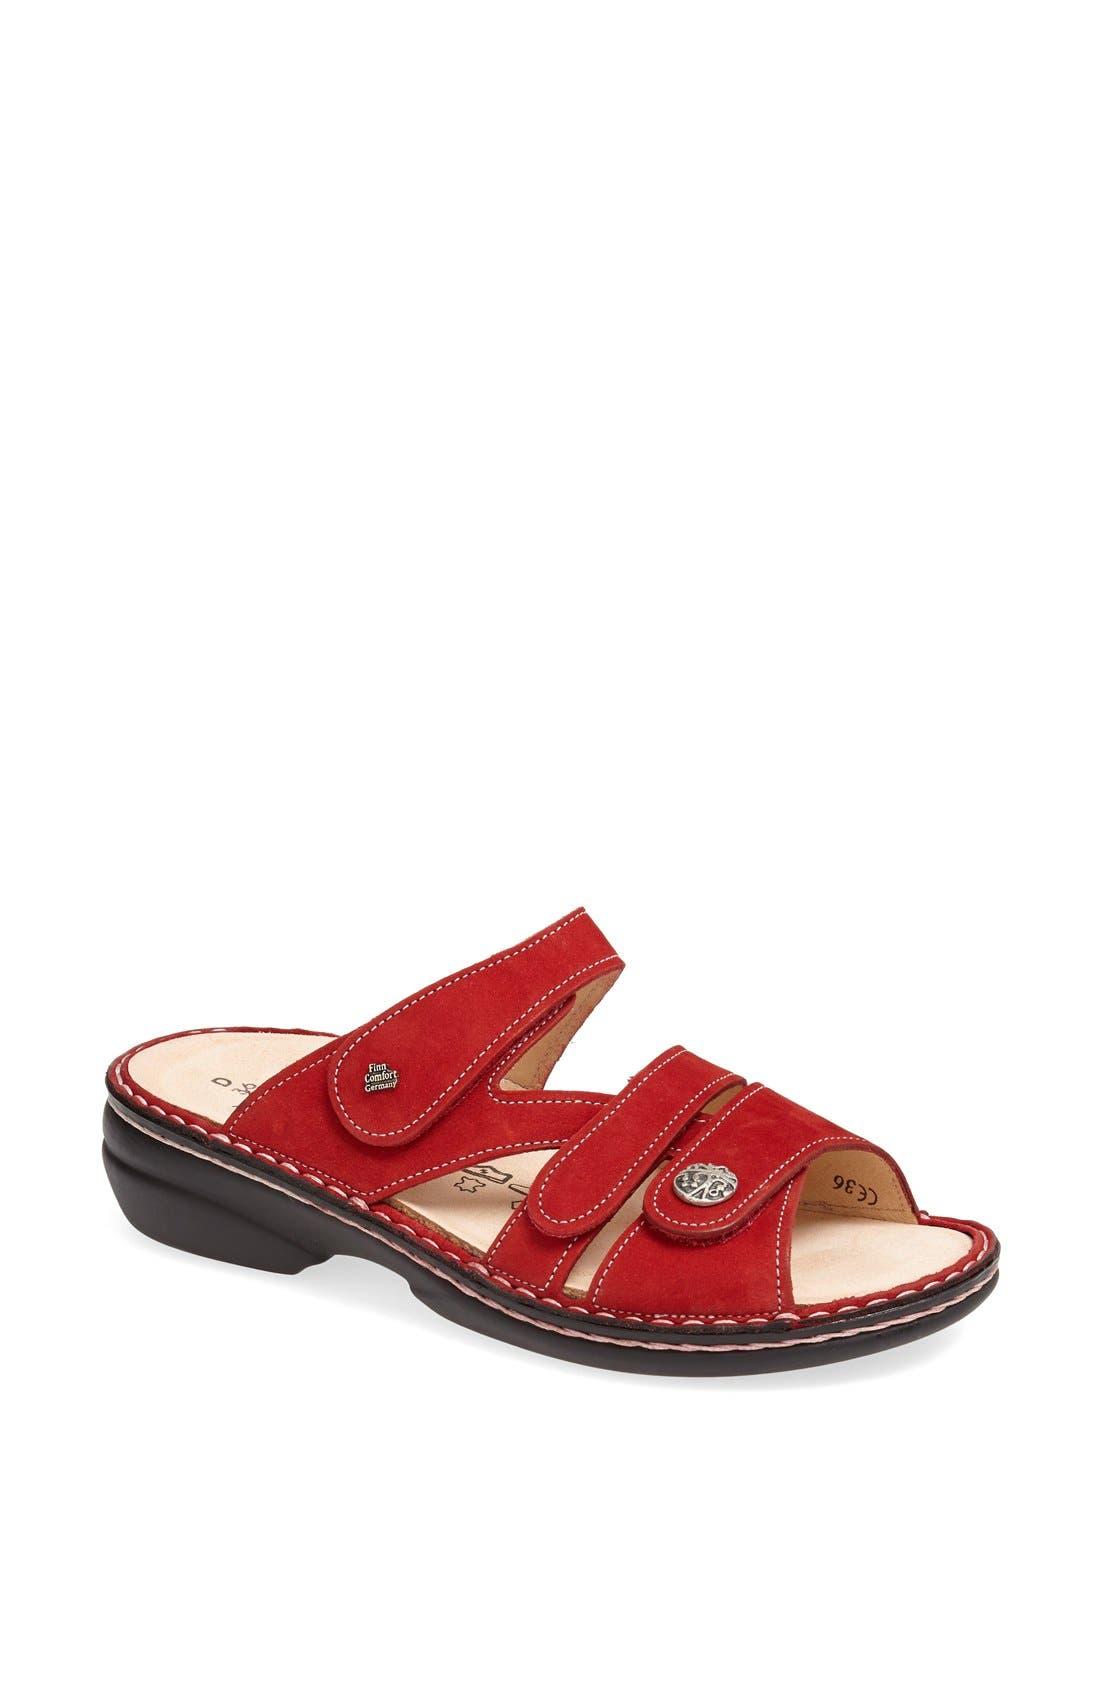 FINN COMFORT 'Ventura' Sandal